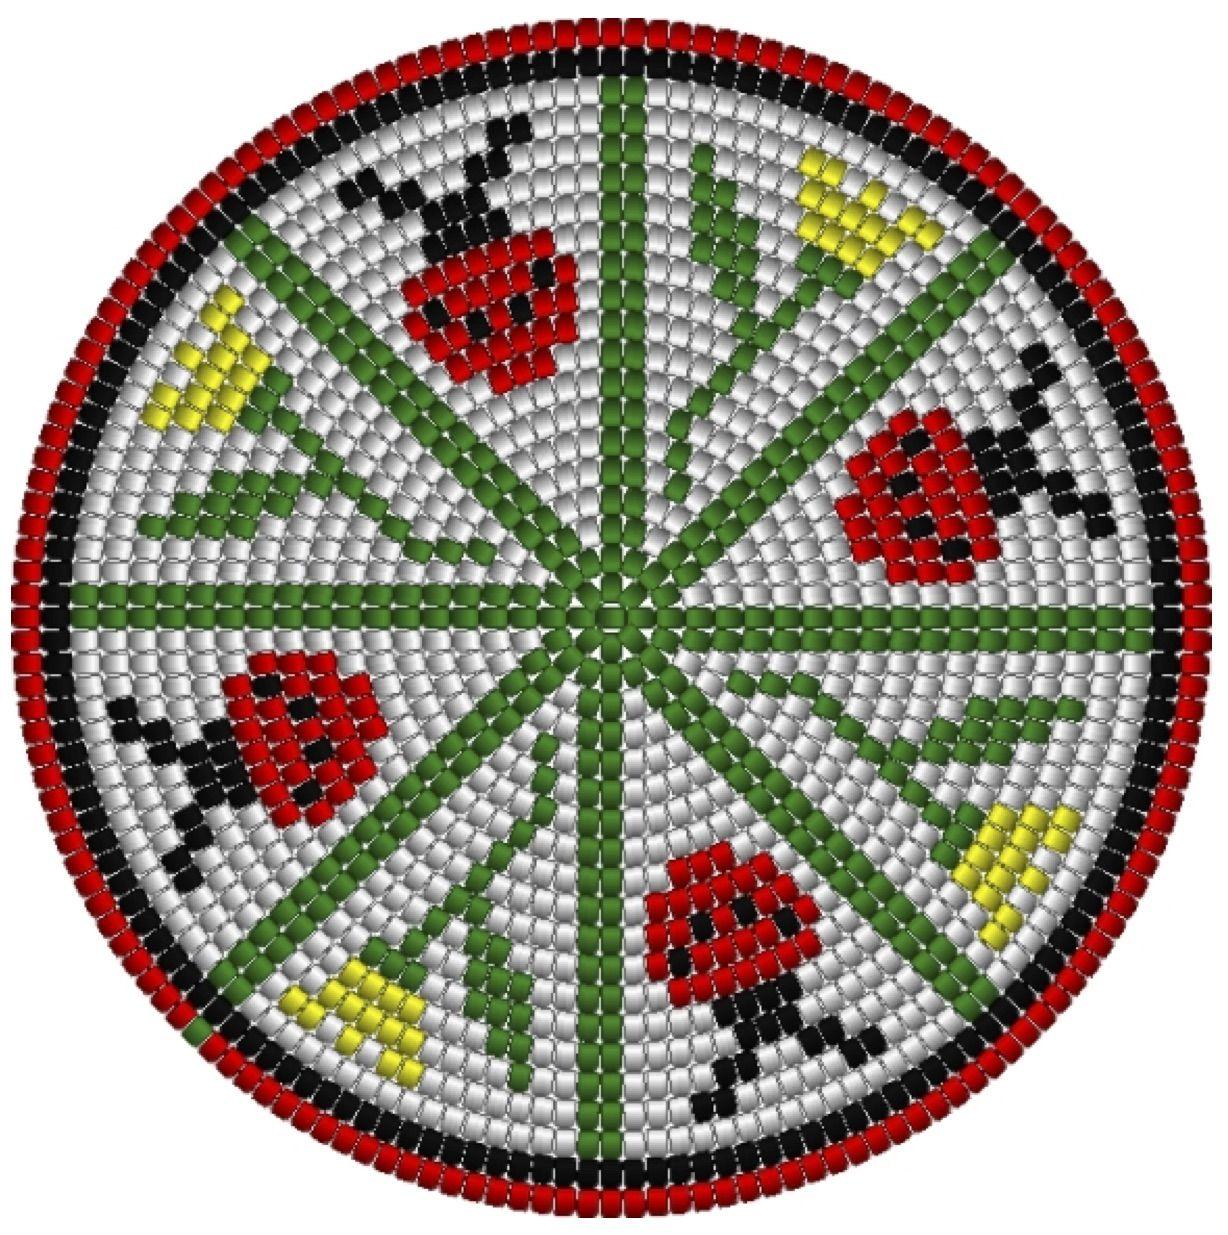 Pin de Jennifer Lobdell en Mochila bags & Patterns | Pinterest ...